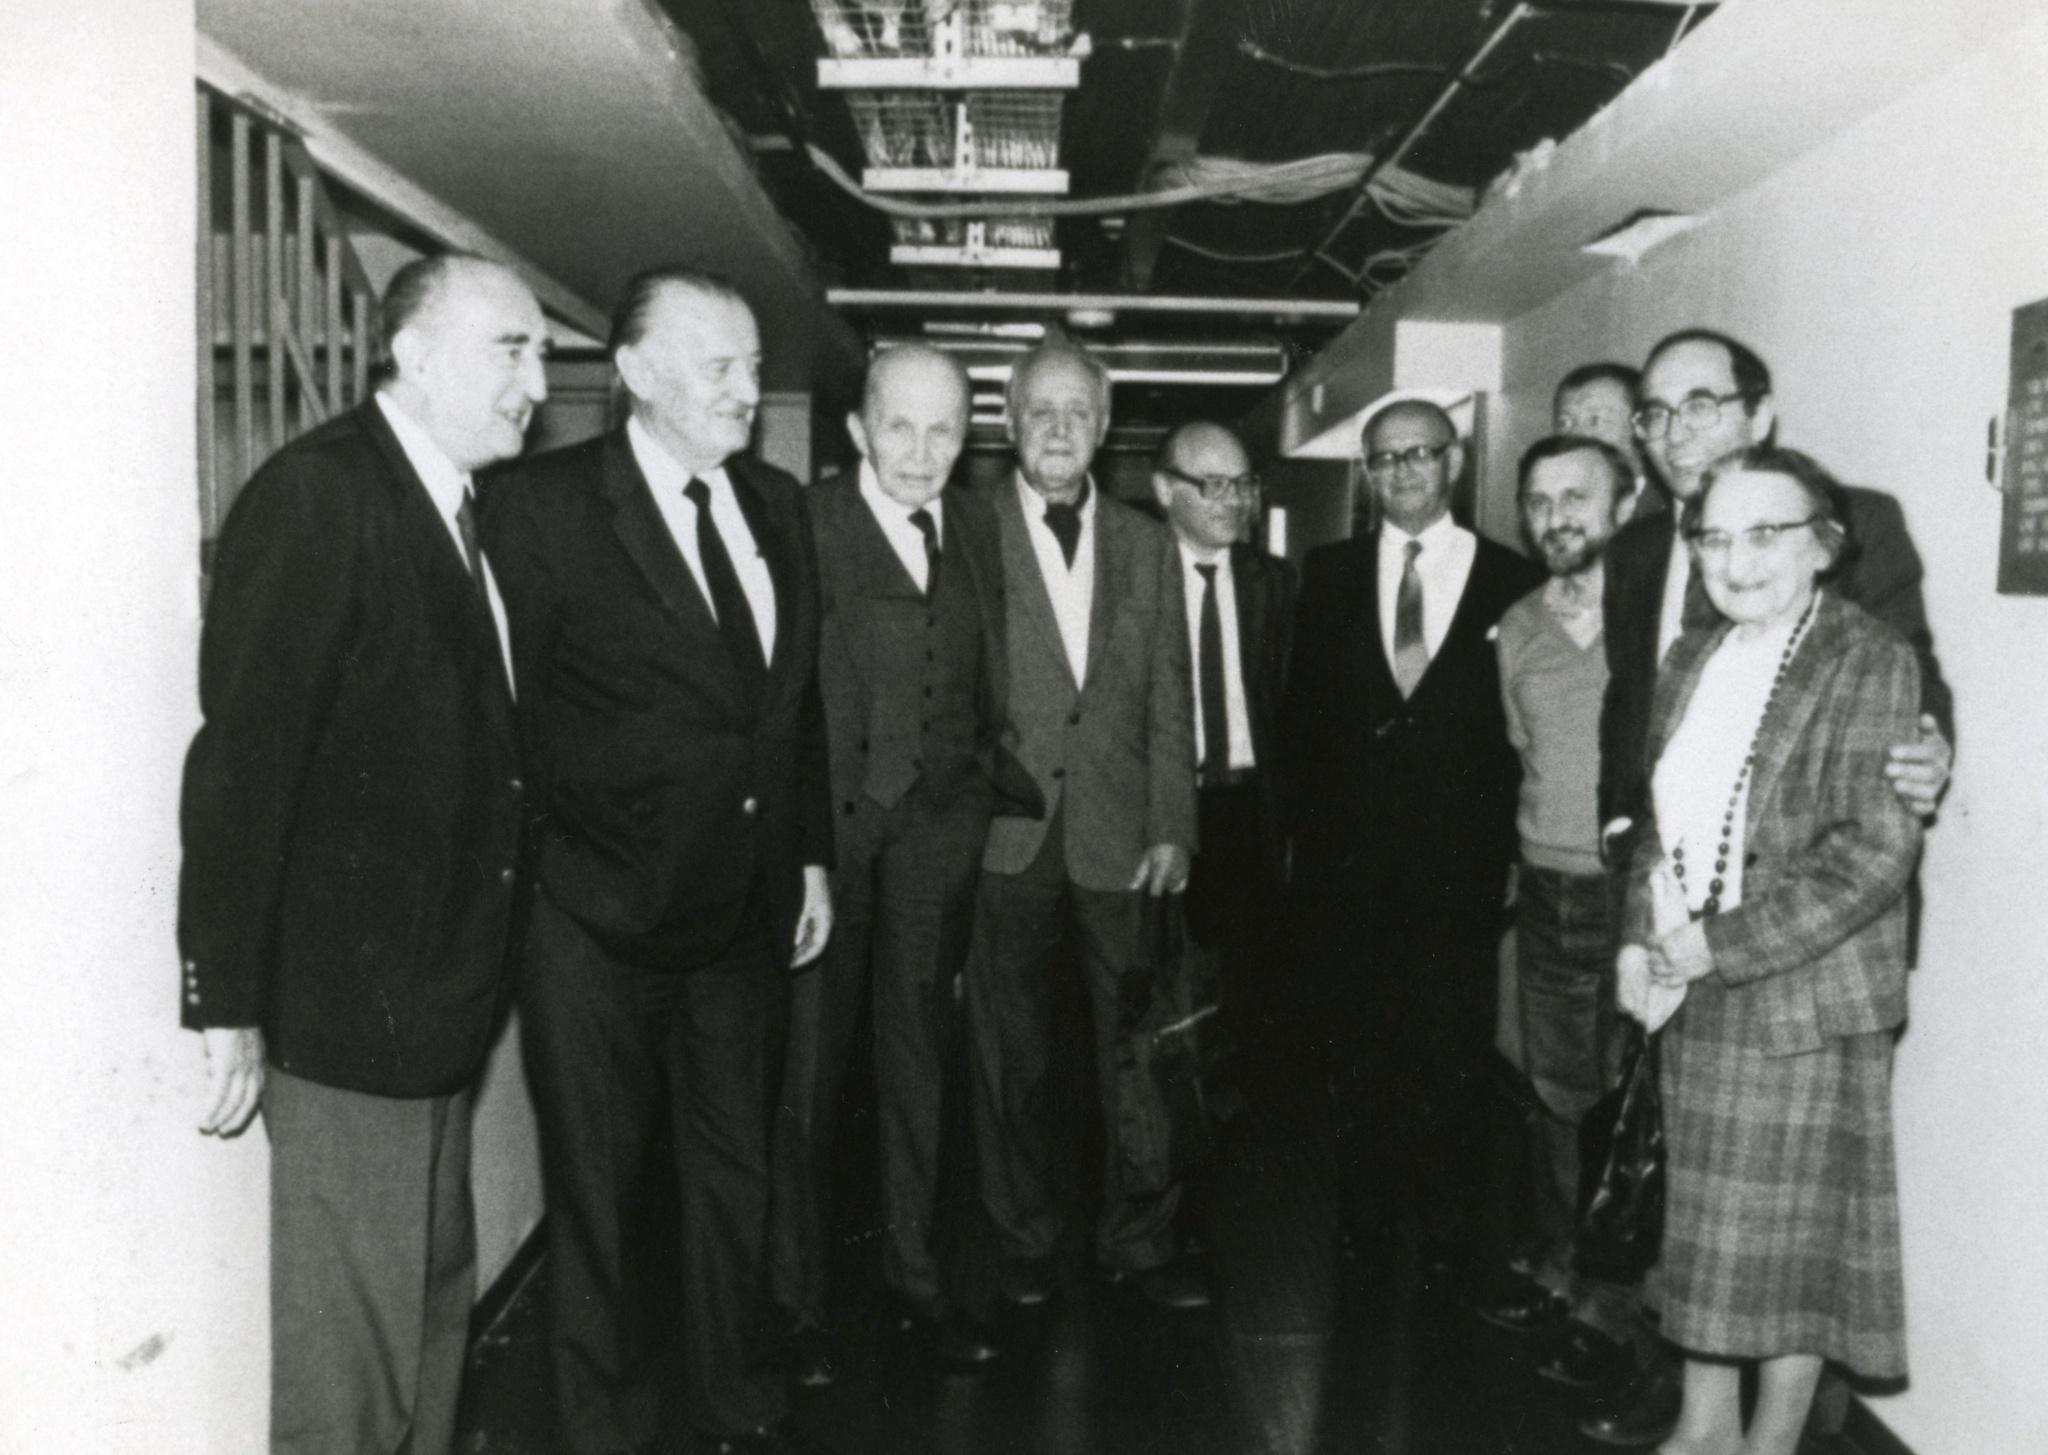 <div class='inner-box'><div class='close-desc'></div><span class='opis'>Radio Wolna Europa w Monachium. Leopold Unger, Bolesław Wierzbiański, Rowmund Piłsudski, Jerzy Giedroyc, Krzysztof Pomian, Kazimierz Sabbat, Waldemar Kuczyński, Jakub Karpiński, Aleksander Smolar, Lidia Ciołkoszowa. Monachium, 1987</span><div class='clearfix'></div><span>Sygn. FIL00491</span><div class='clearfix'></div><span>&copy; Instytut Literacki</span></div>